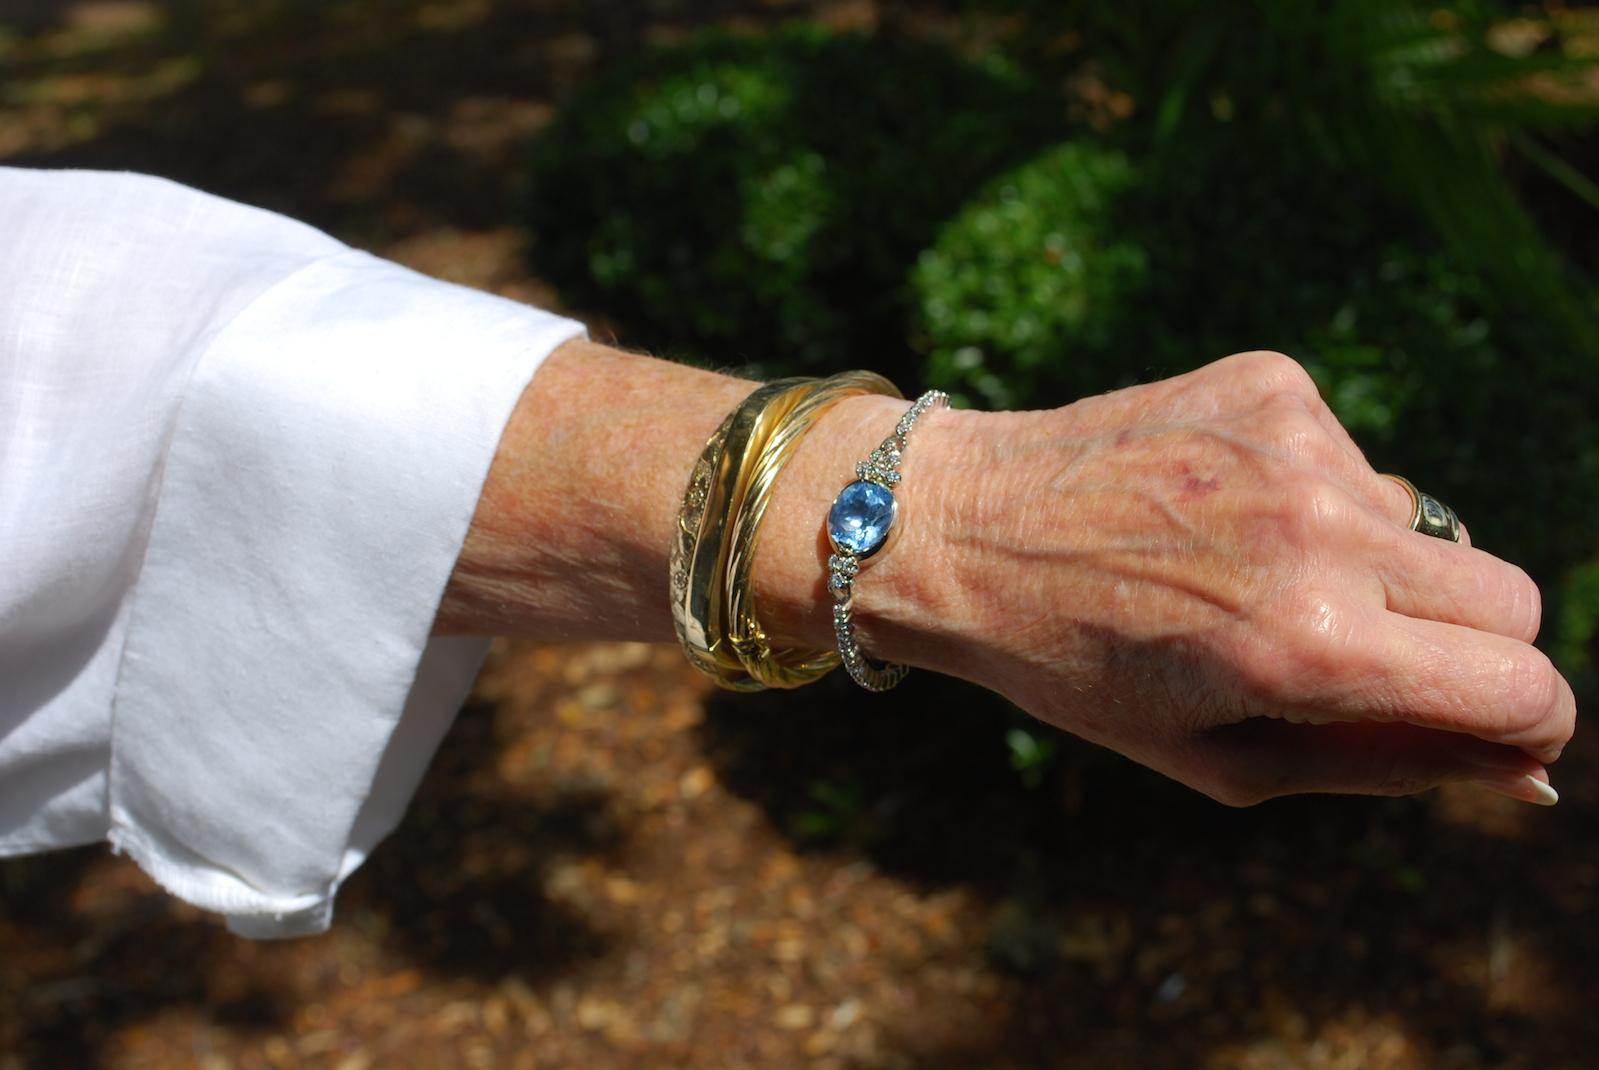 memory keeper bracelet DSC_4231.JPG